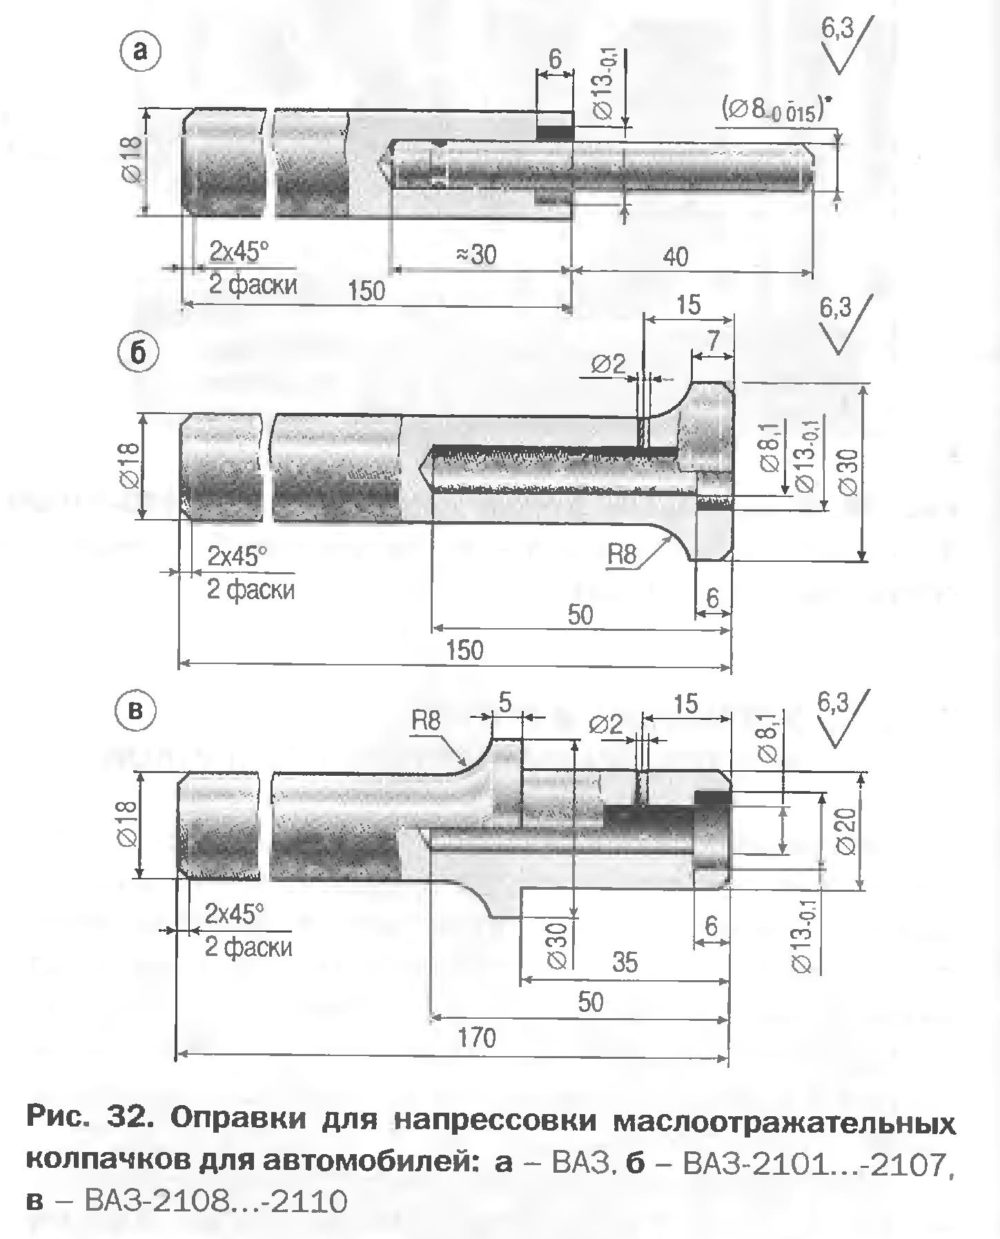 Оправки для напрессовки маслоотражательных колпачков